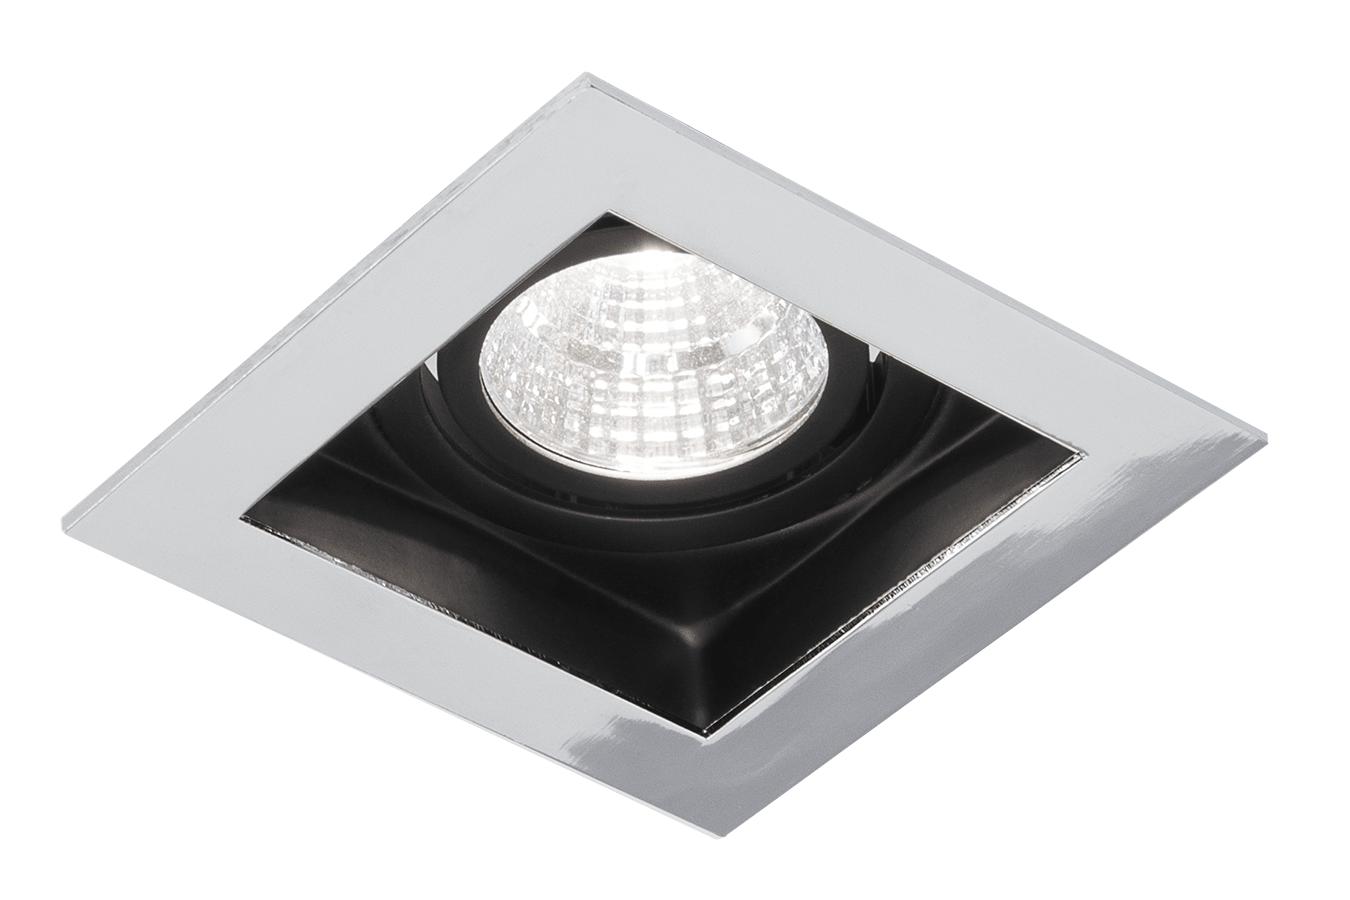 Blinq Cantello inbouw LED spot 90x90 mm vierkant chroom